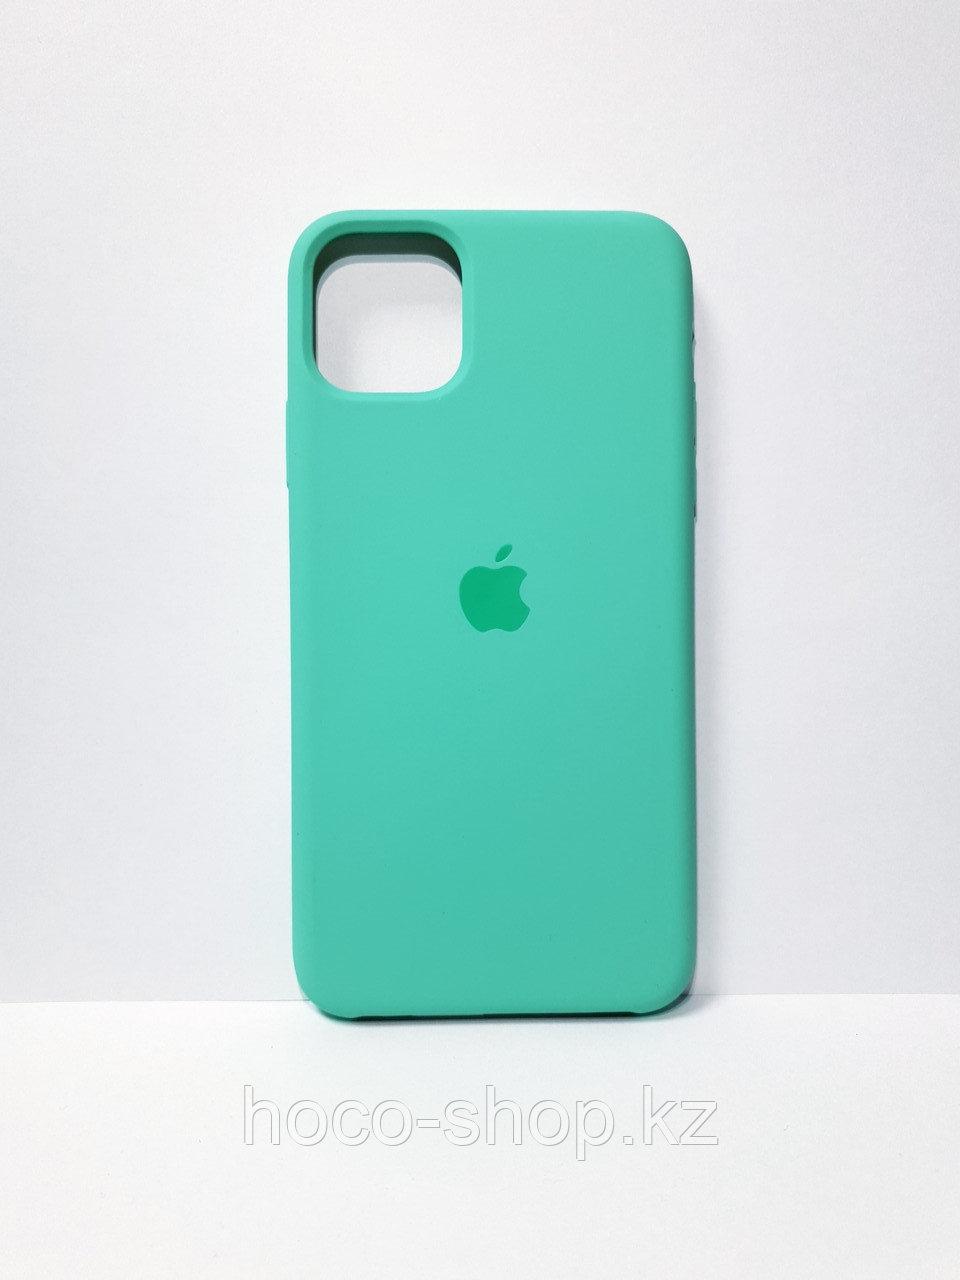 Защитный чехол для iPhone 11 Pro Max Soft Touch силиконовый, бирюзовый